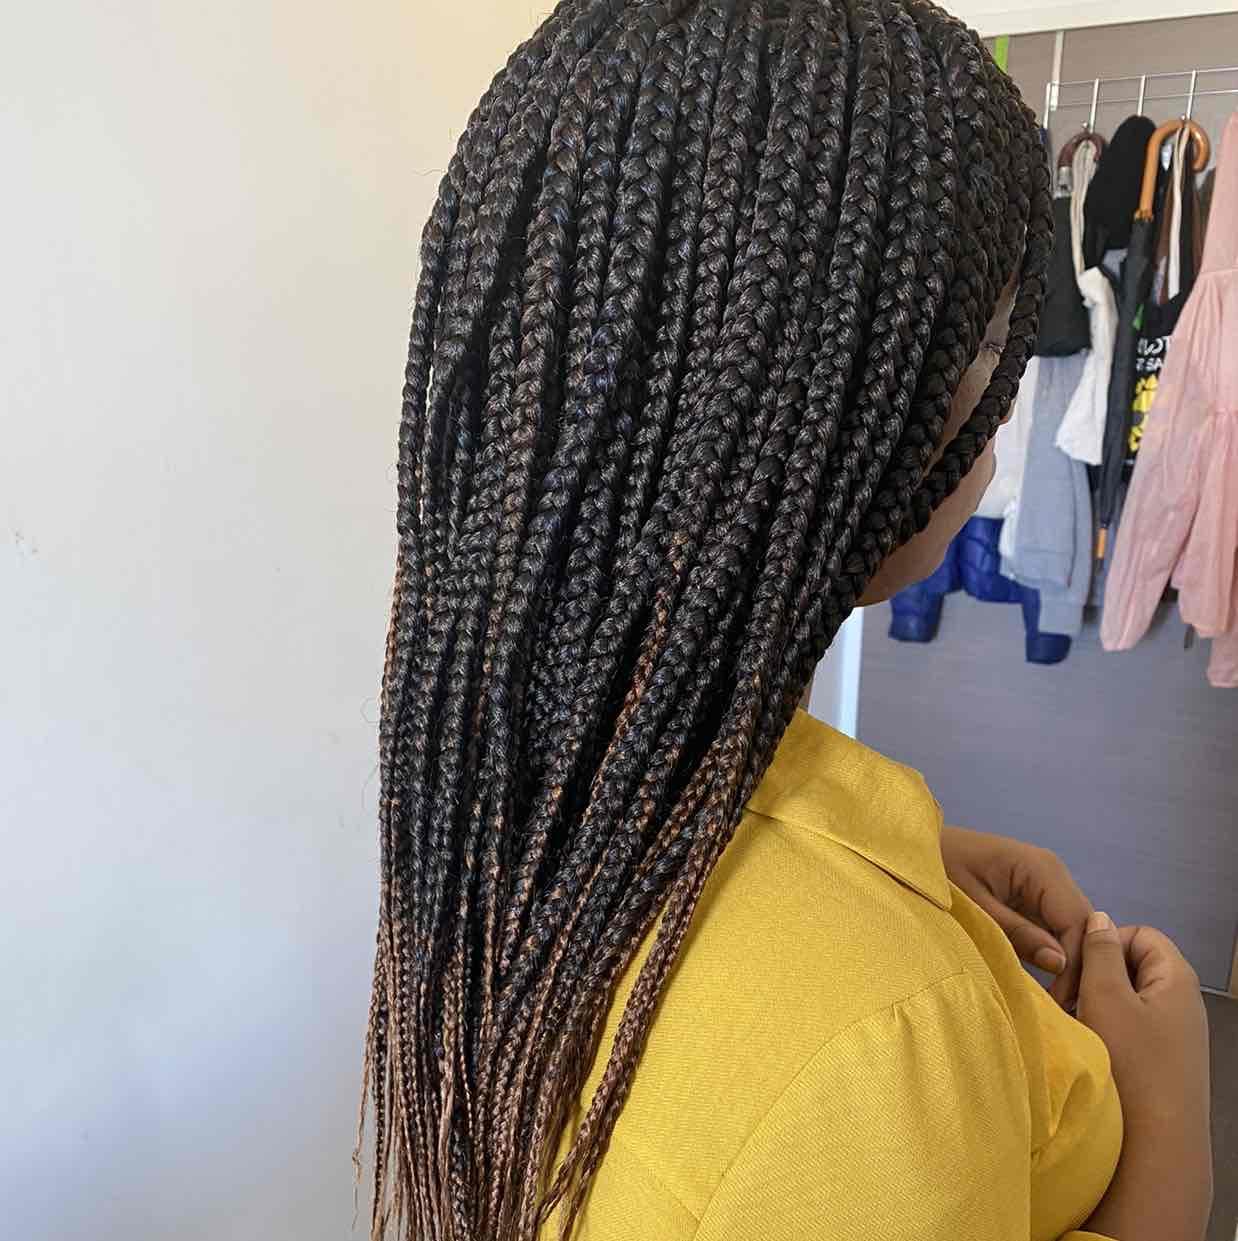 salon de coiffure afro tresse tresses box braids crochet braids vanilles tissages paris 75 77 78 91 92 93 94 95 WXZMDXRX